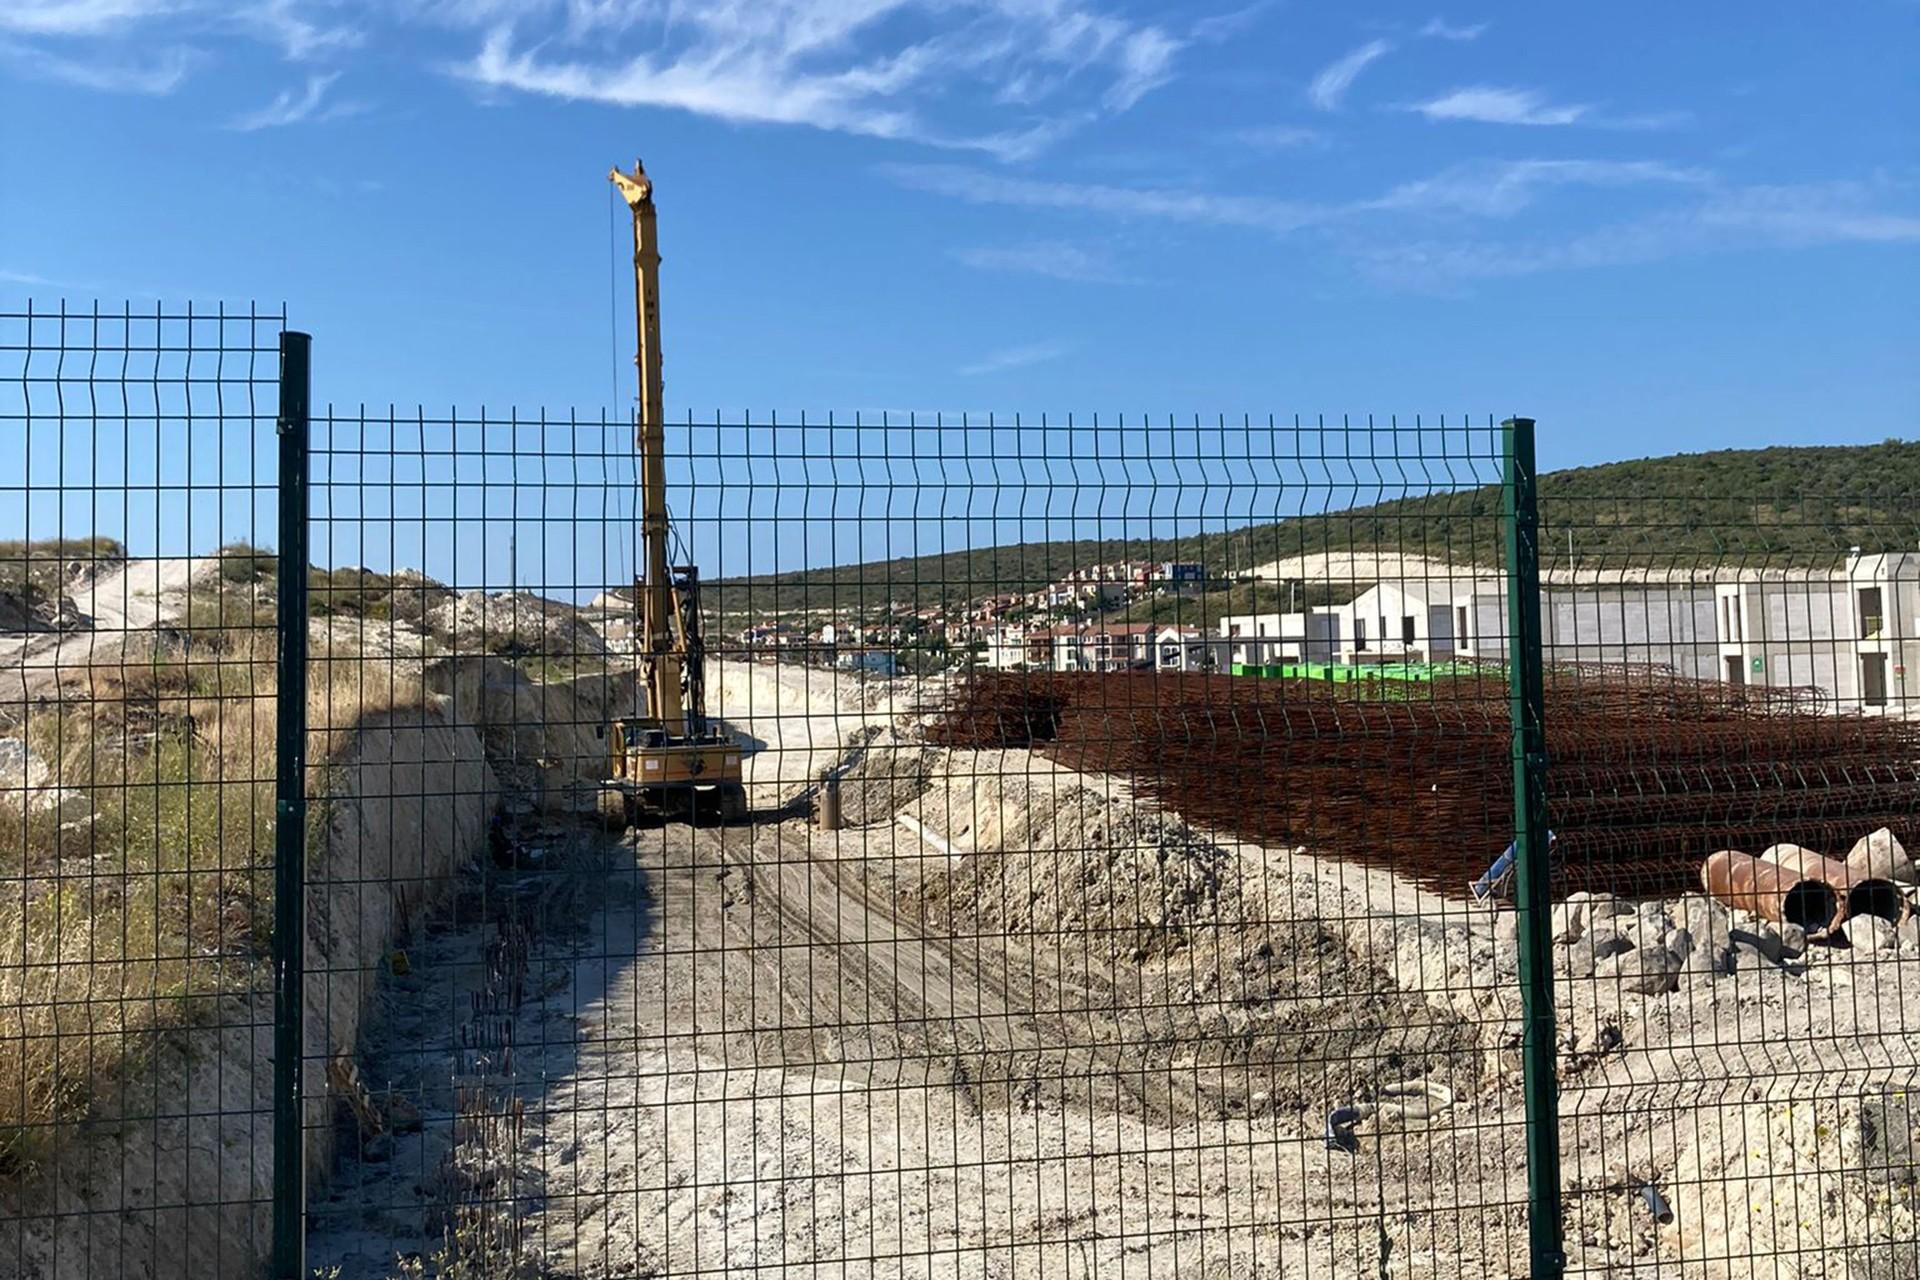 Alaçatı Port mevkii Karşıyaka Azmağı'nda devam inşaat